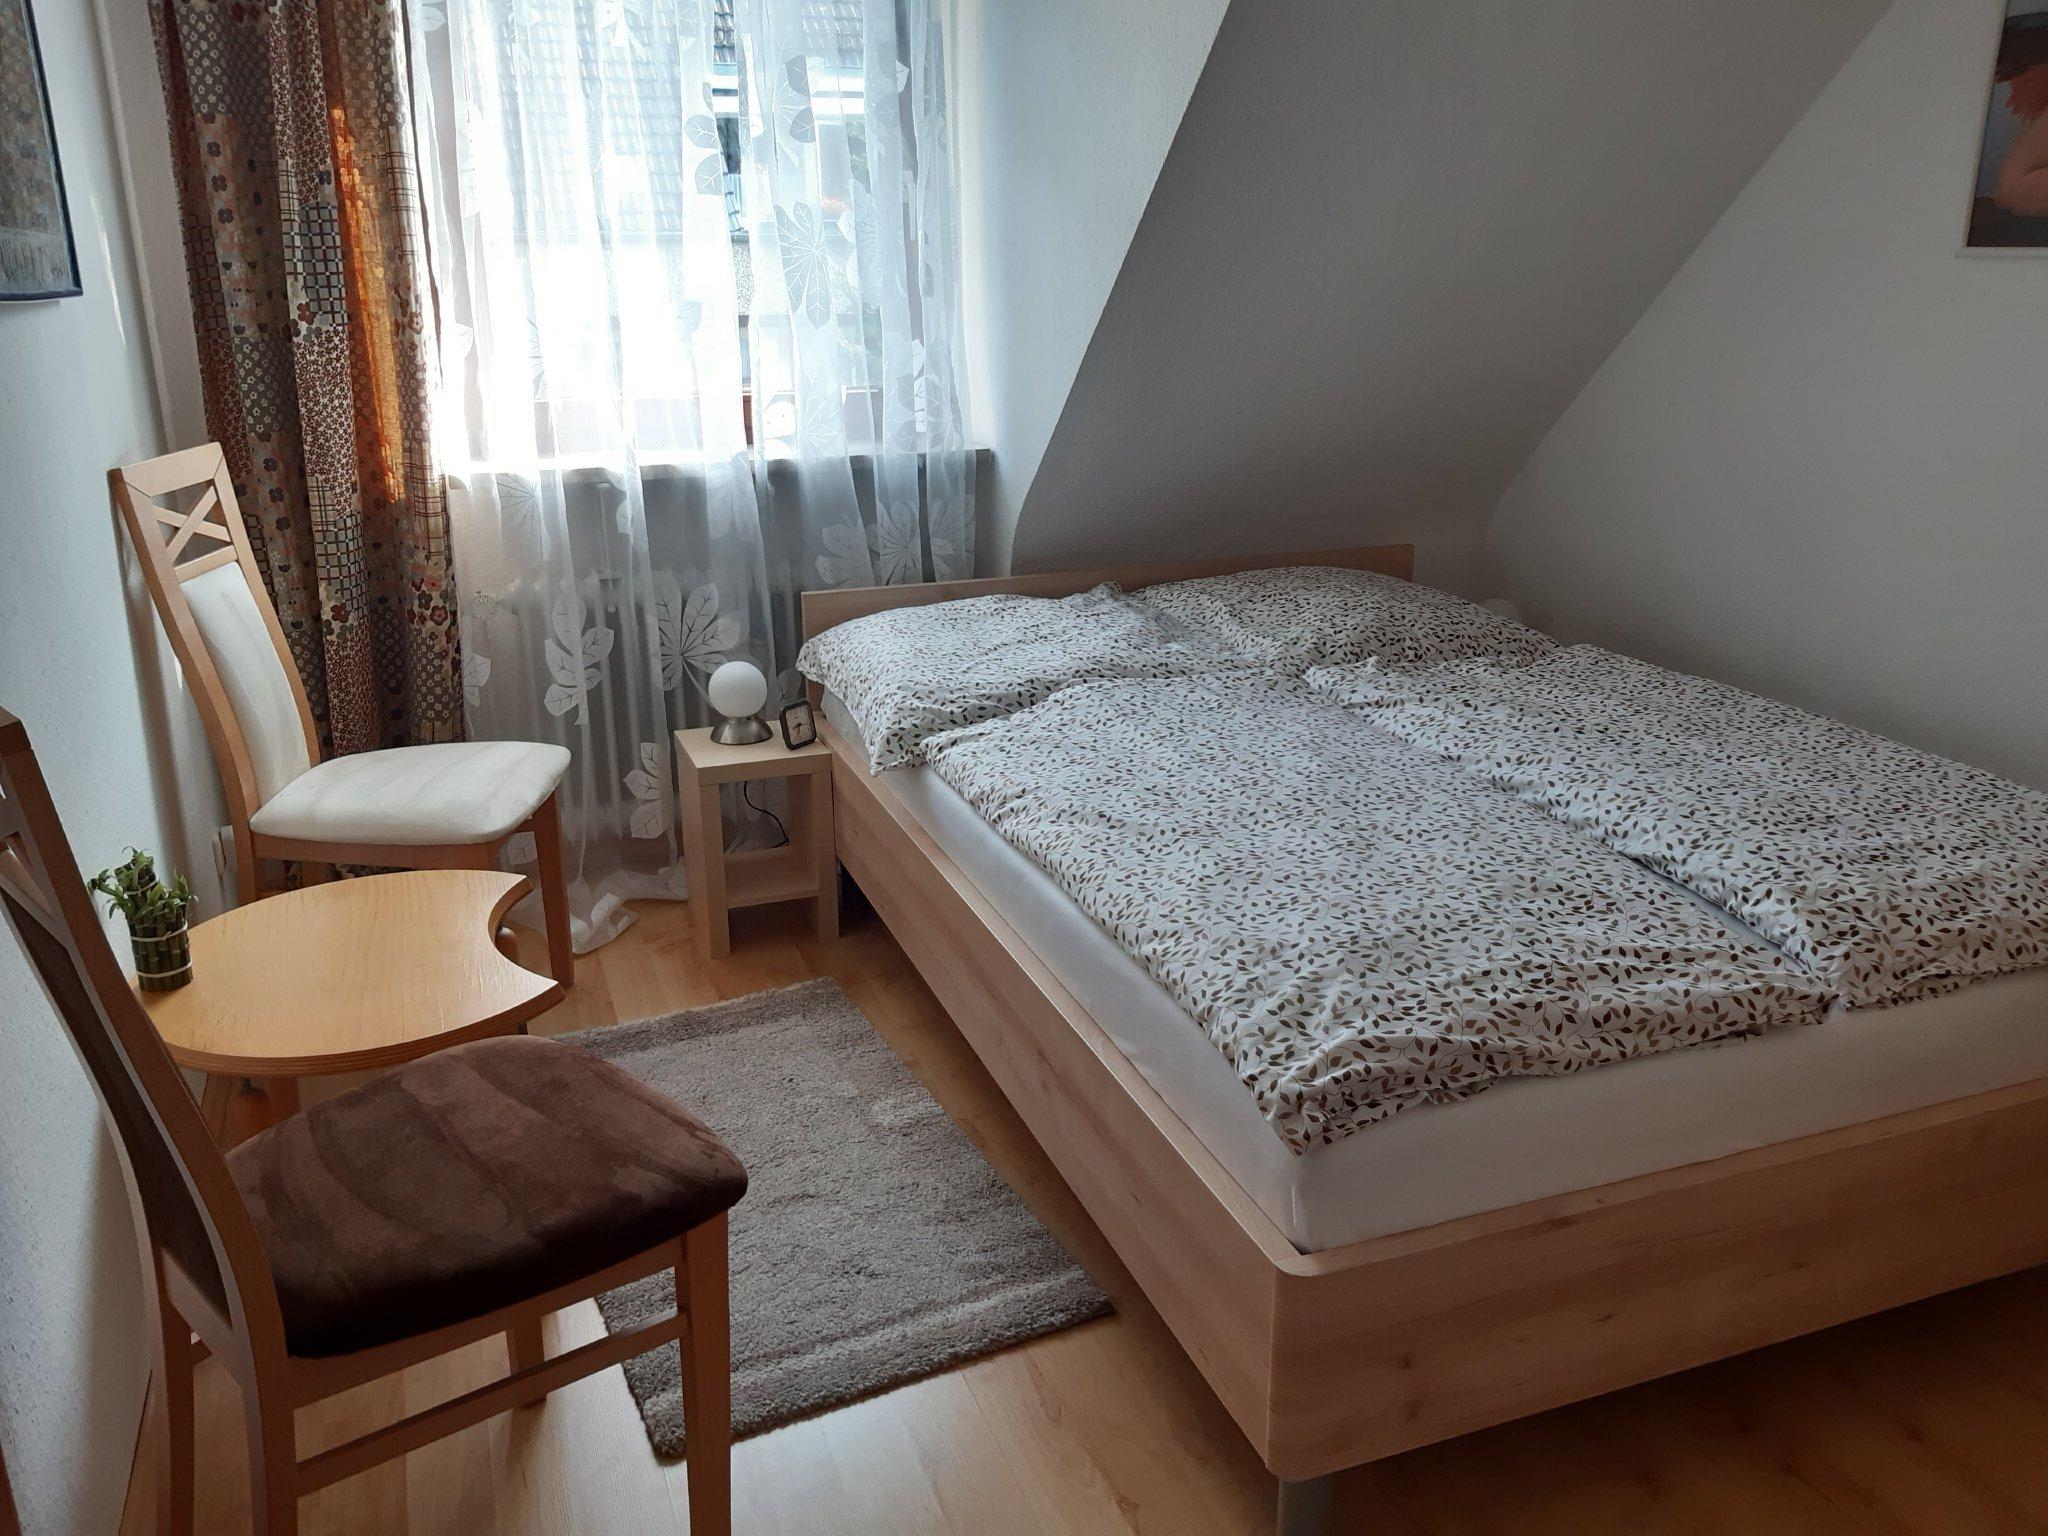 Schlafzimmer 1 Bett 140 x 200